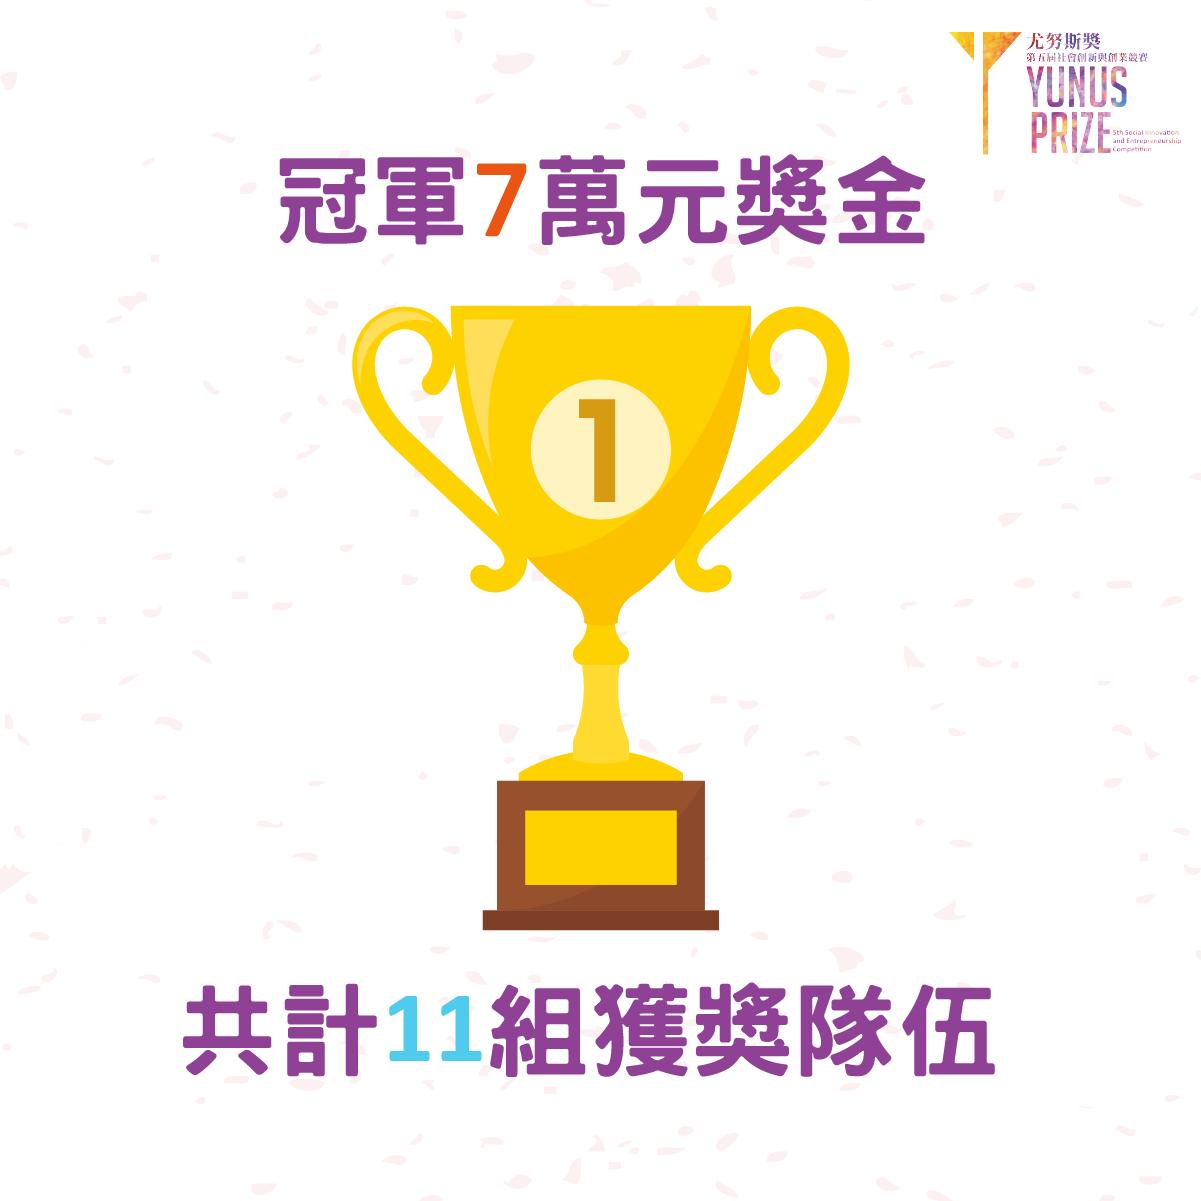 2020尤努斯獎-Yunus Prize-第五屆社會創新與創業競賽-競賽獎項